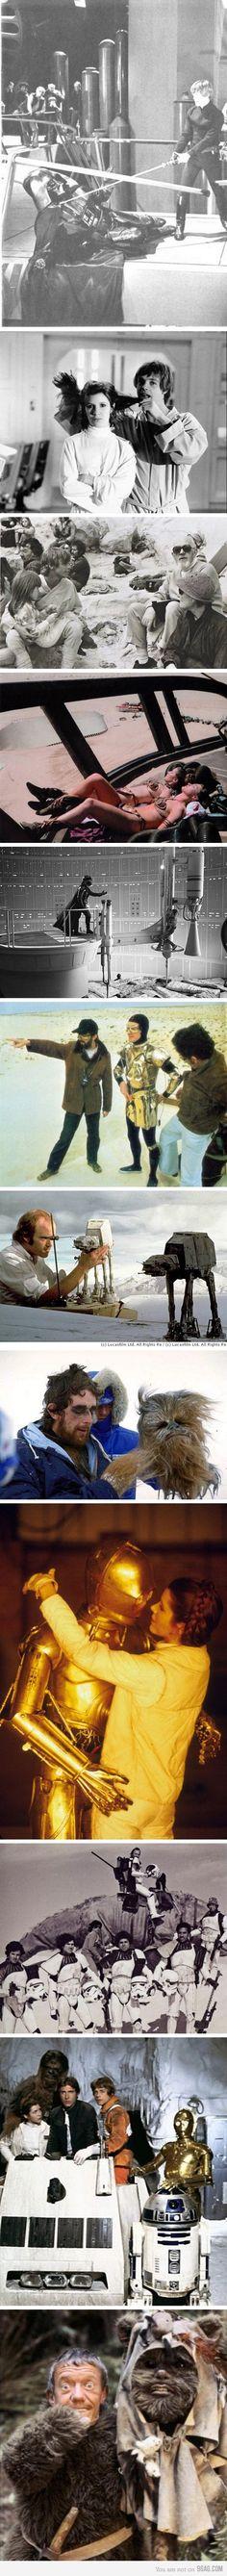 star wars, behind the scenes.